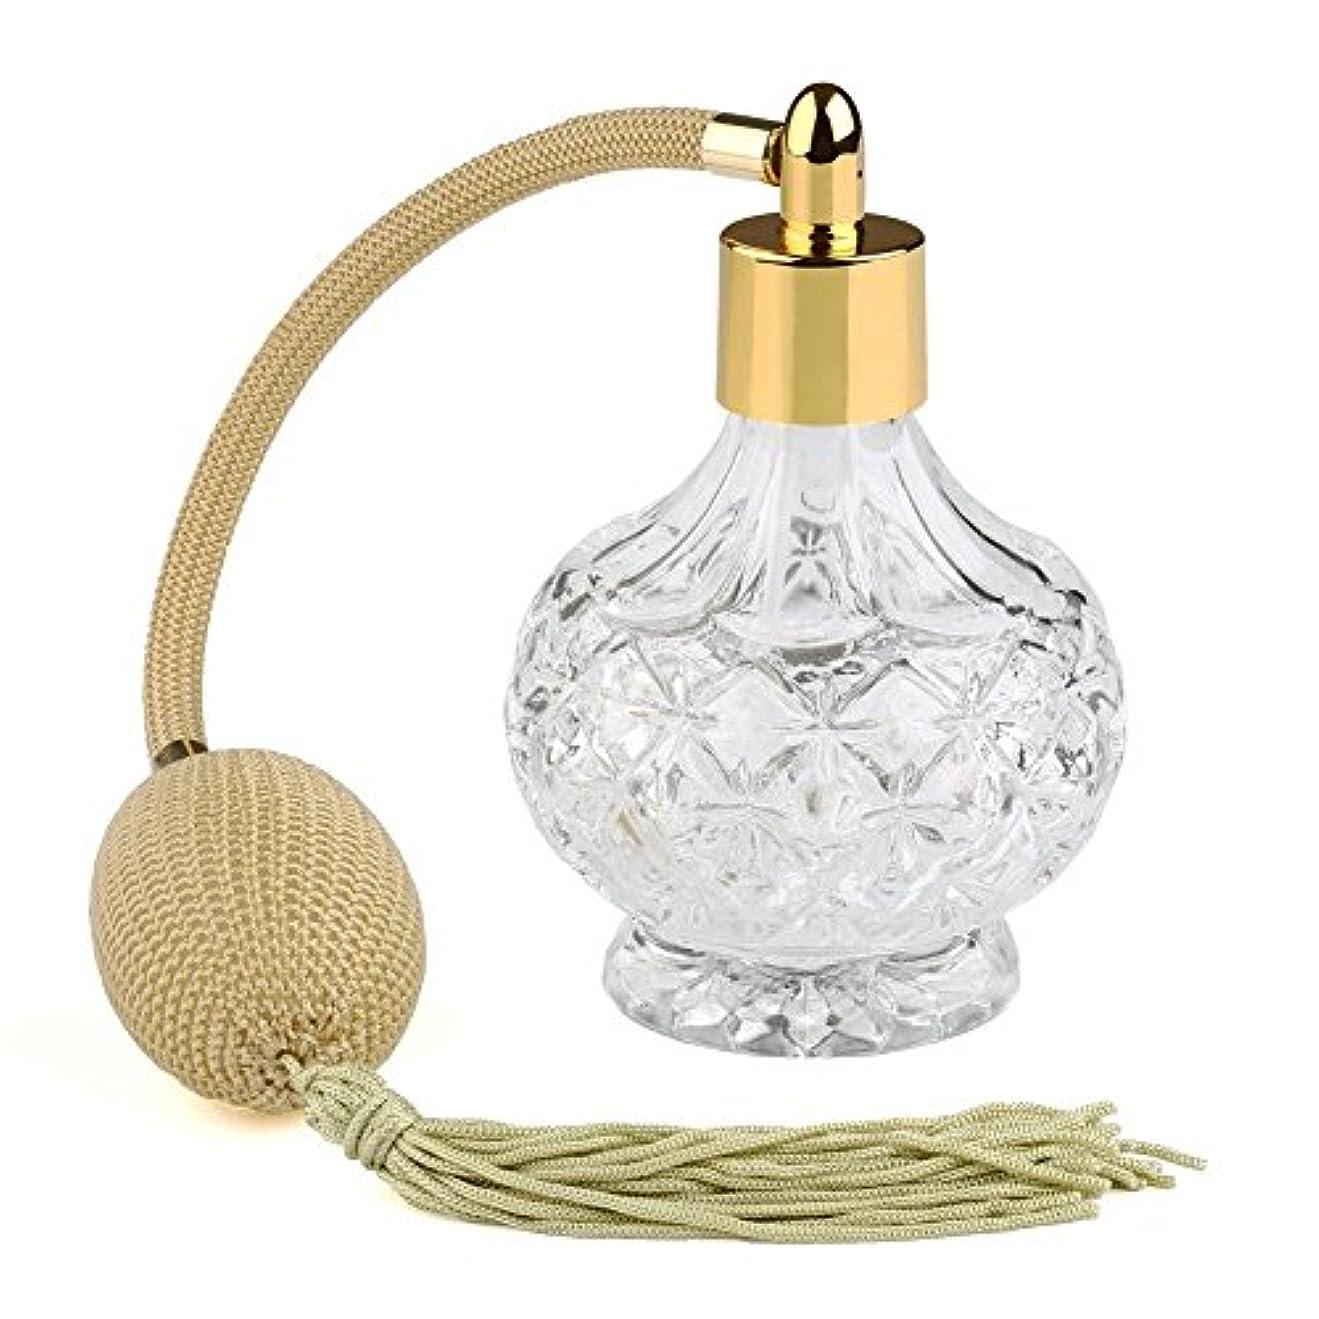 抽象依存知事Easy Raku®高品質 18MMガラスボトル香水瓶 ポンプ式 香水瓶 アトマイザー カーキのフリンジ付きプラスチック?ニットバルブ ゴールドスプレー 80ML 装飾雑貨 (ゴールド)